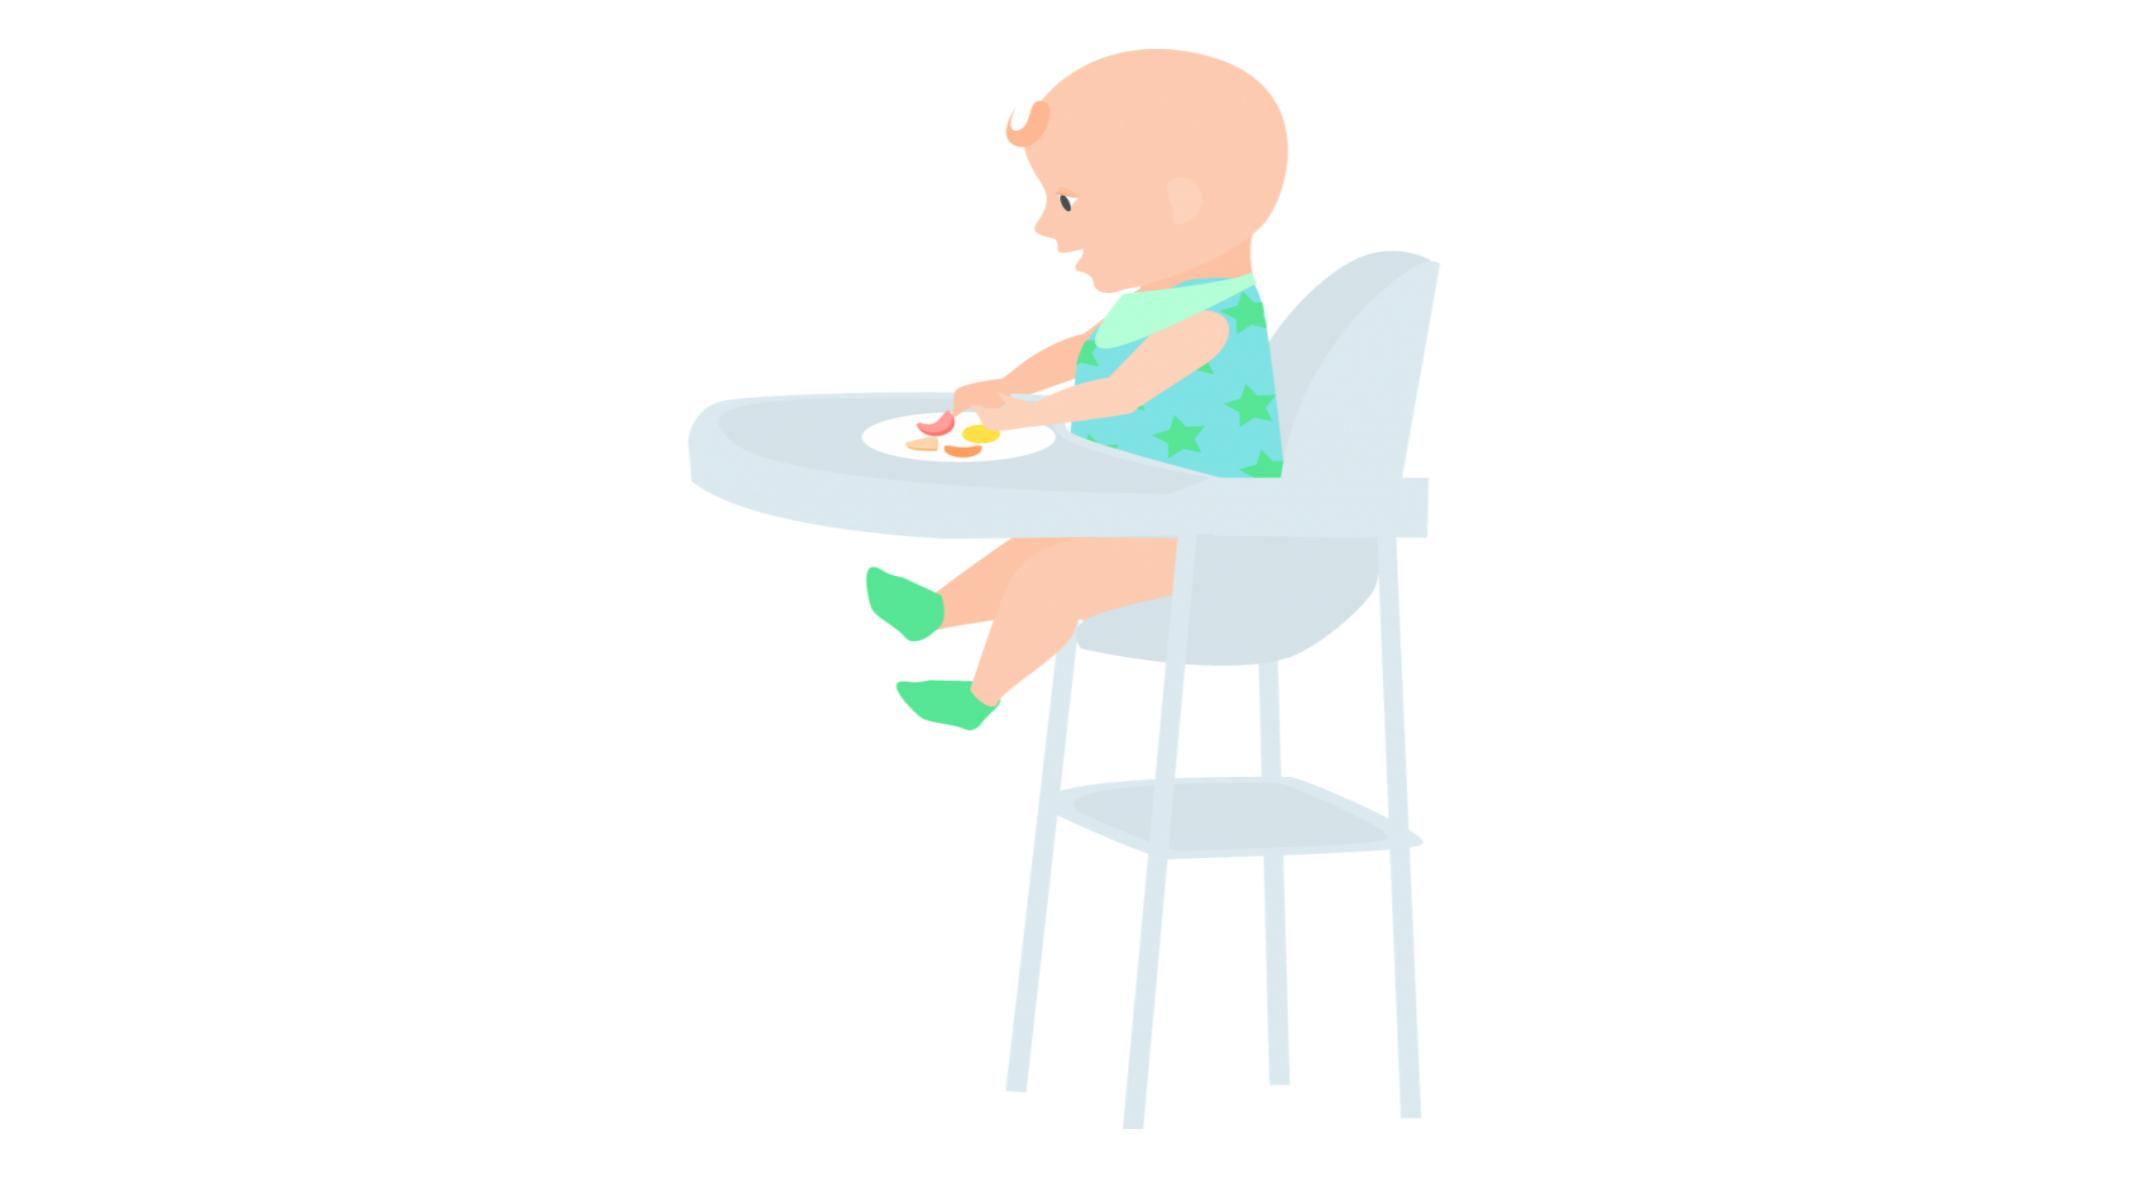 ७ महीने के बच्चे के लिए भारतीय व्यंजनों के साथ डाइट चार्ट